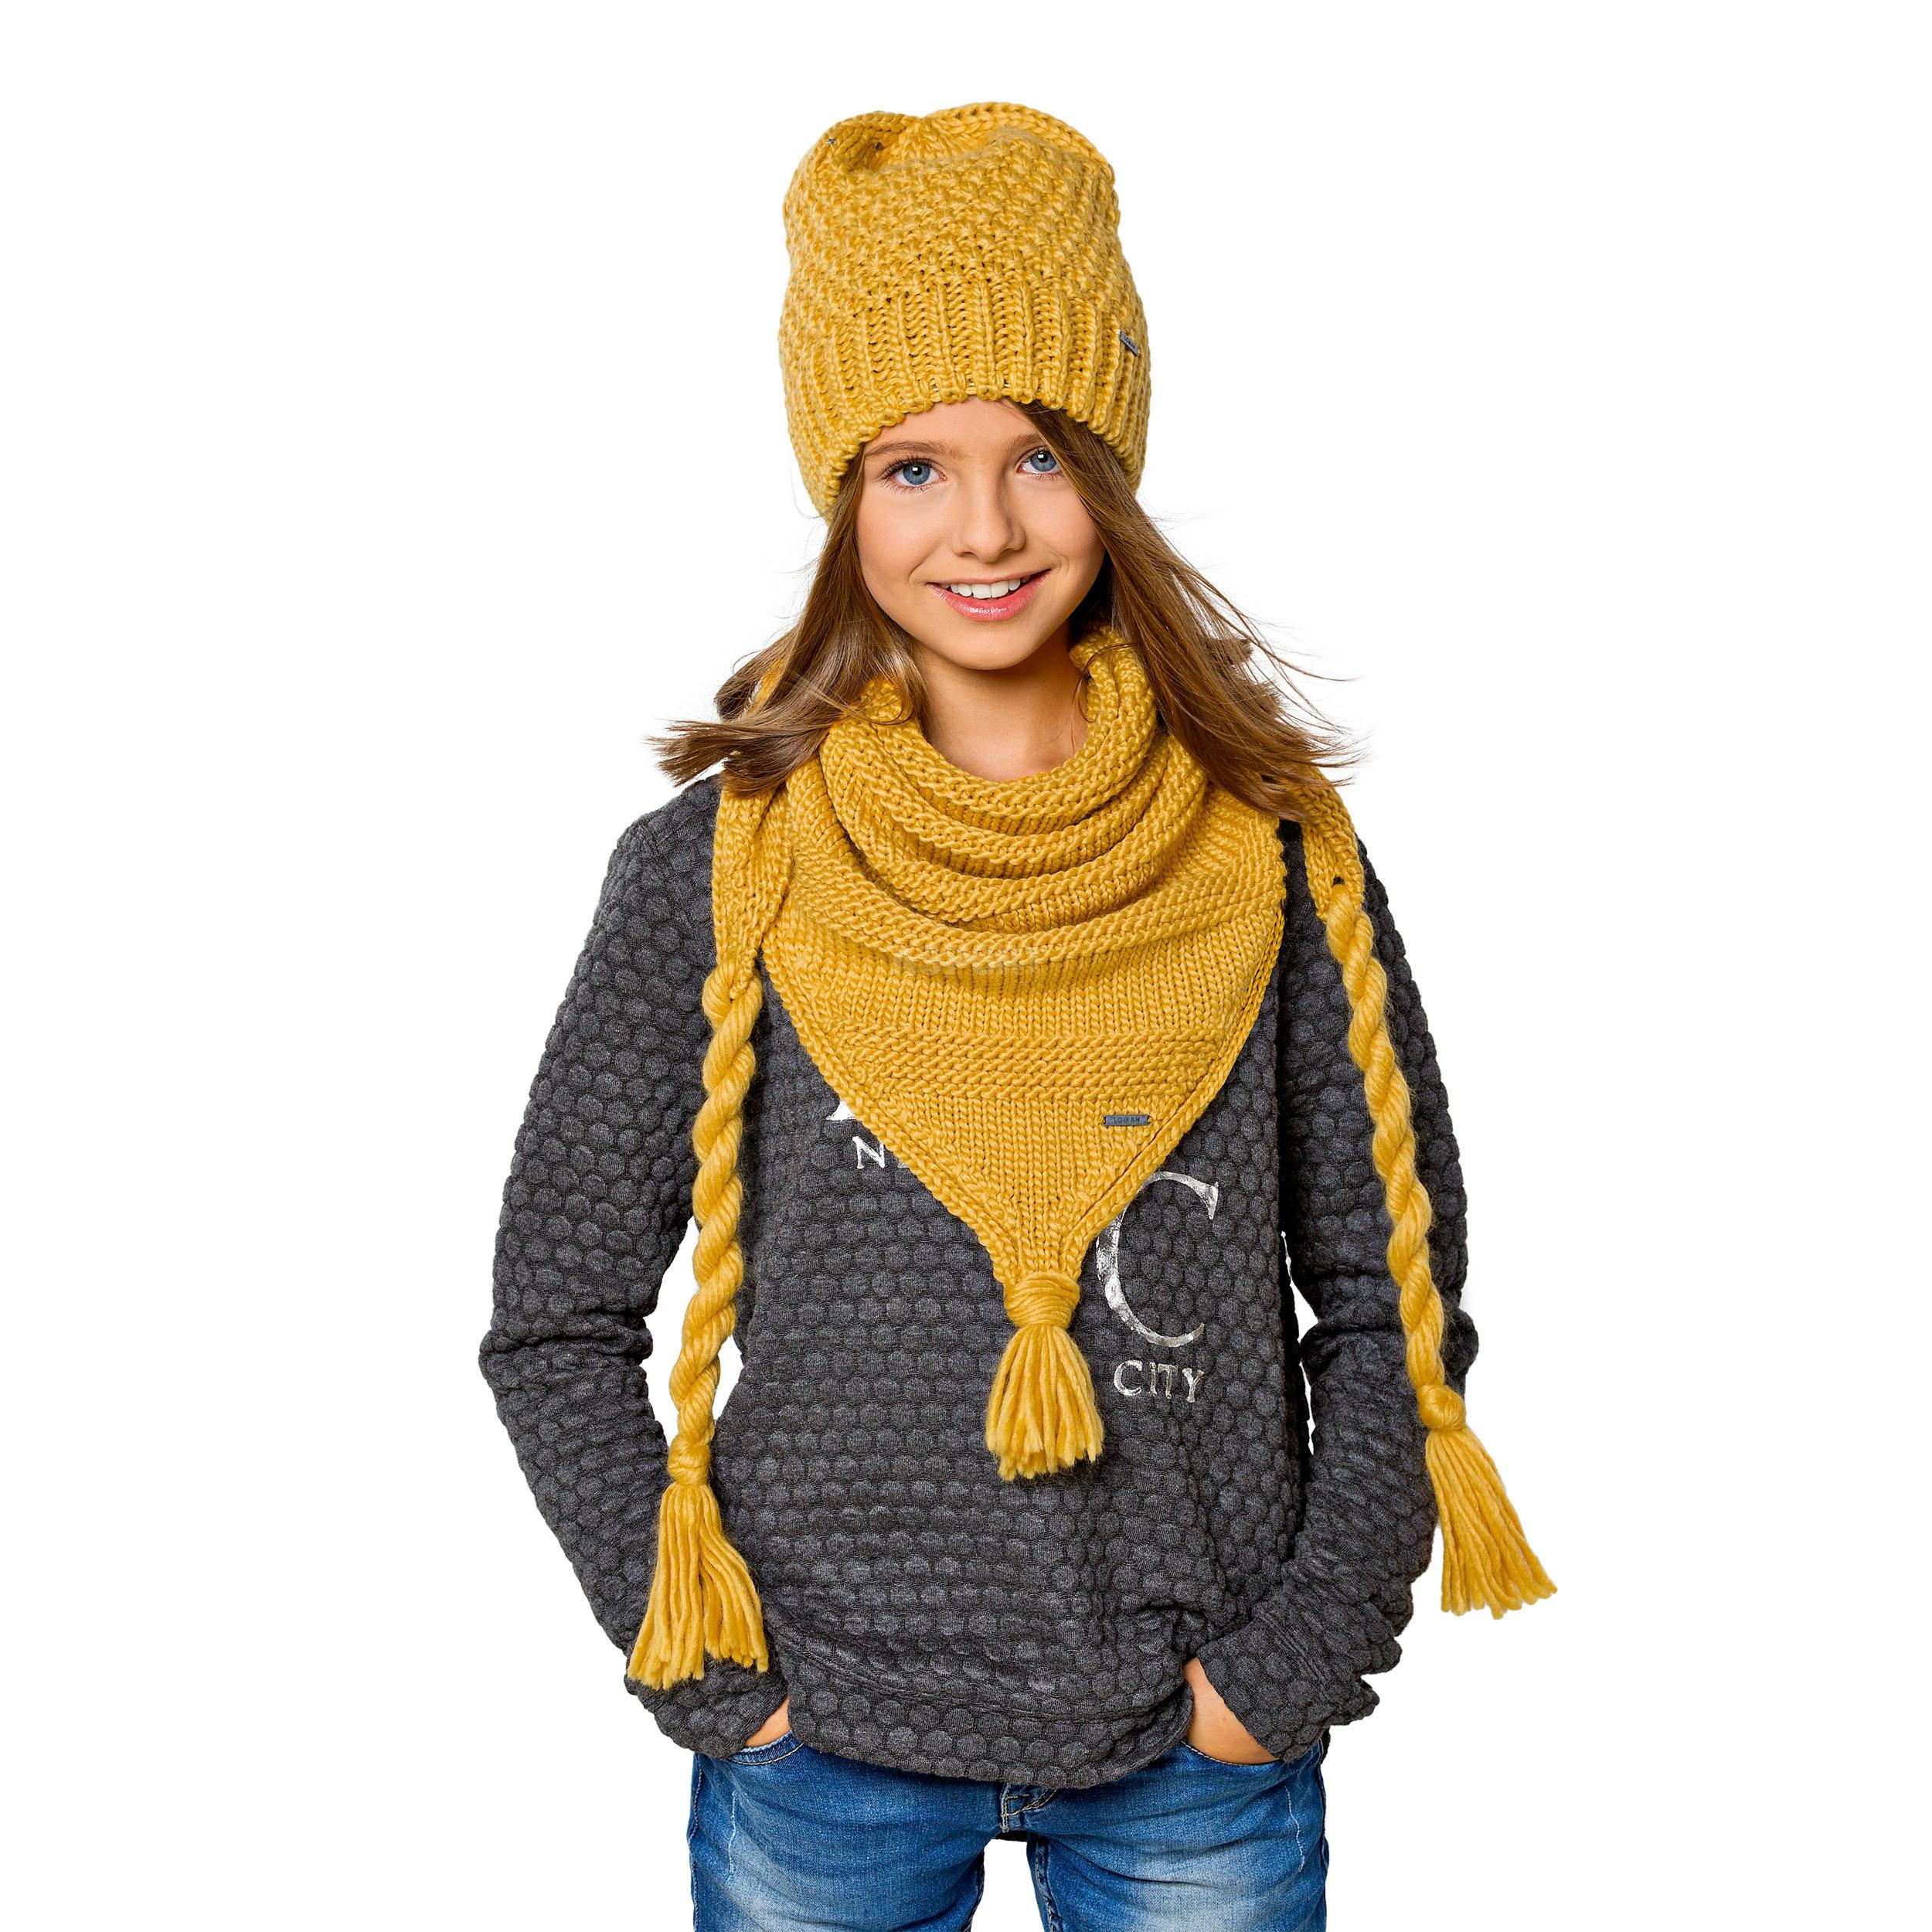 Czapka młodzieżowa, dziewczęca + szalik, chusta z dodatkiem wełny CHOCO Loman